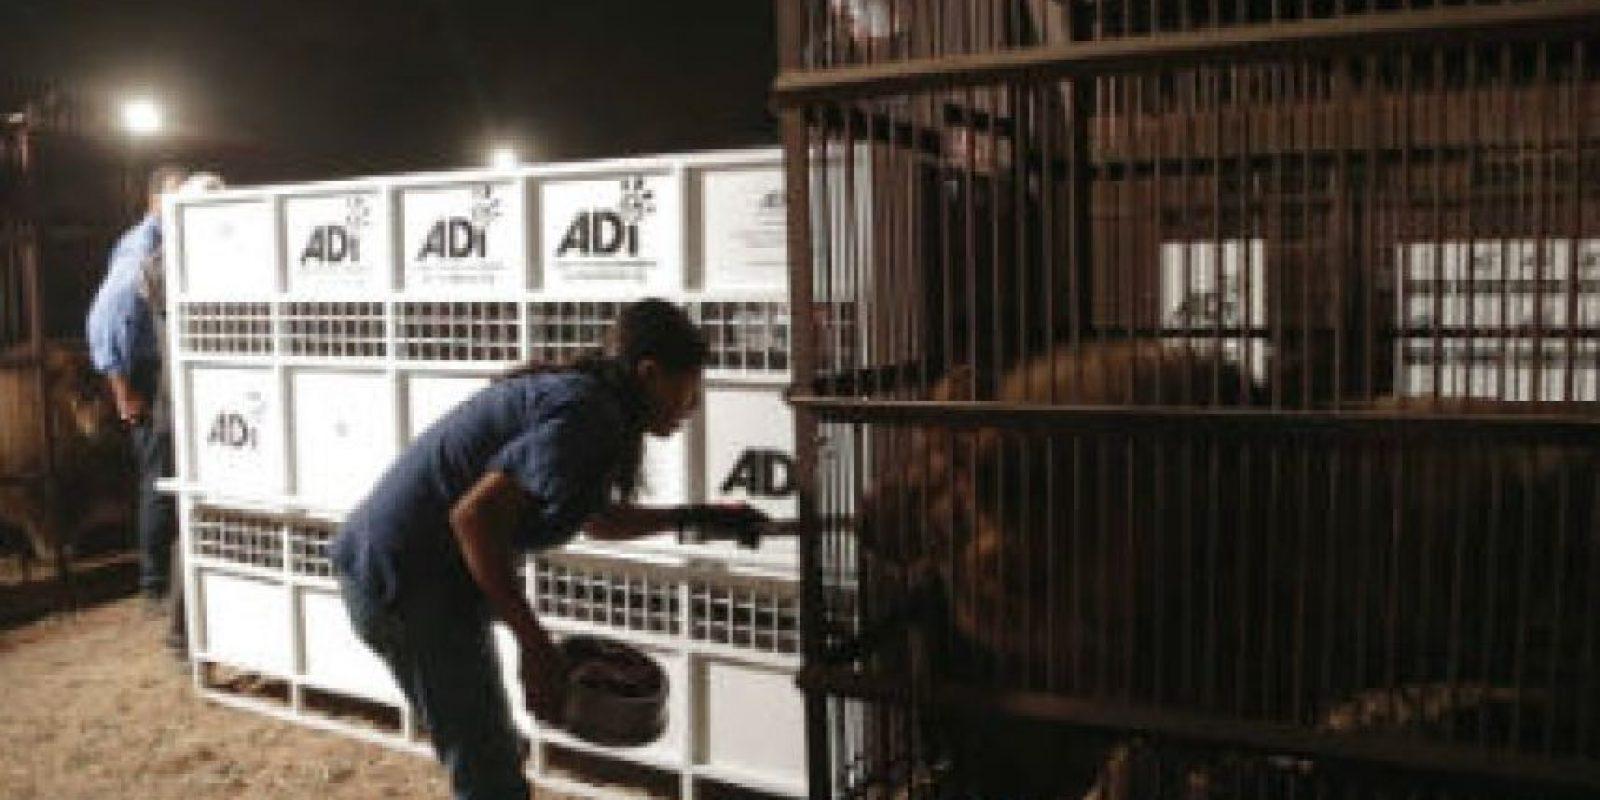 Además de sufrir desnutrición y estrés por el encierro. Foto:facebook.com/AnimalDefenders